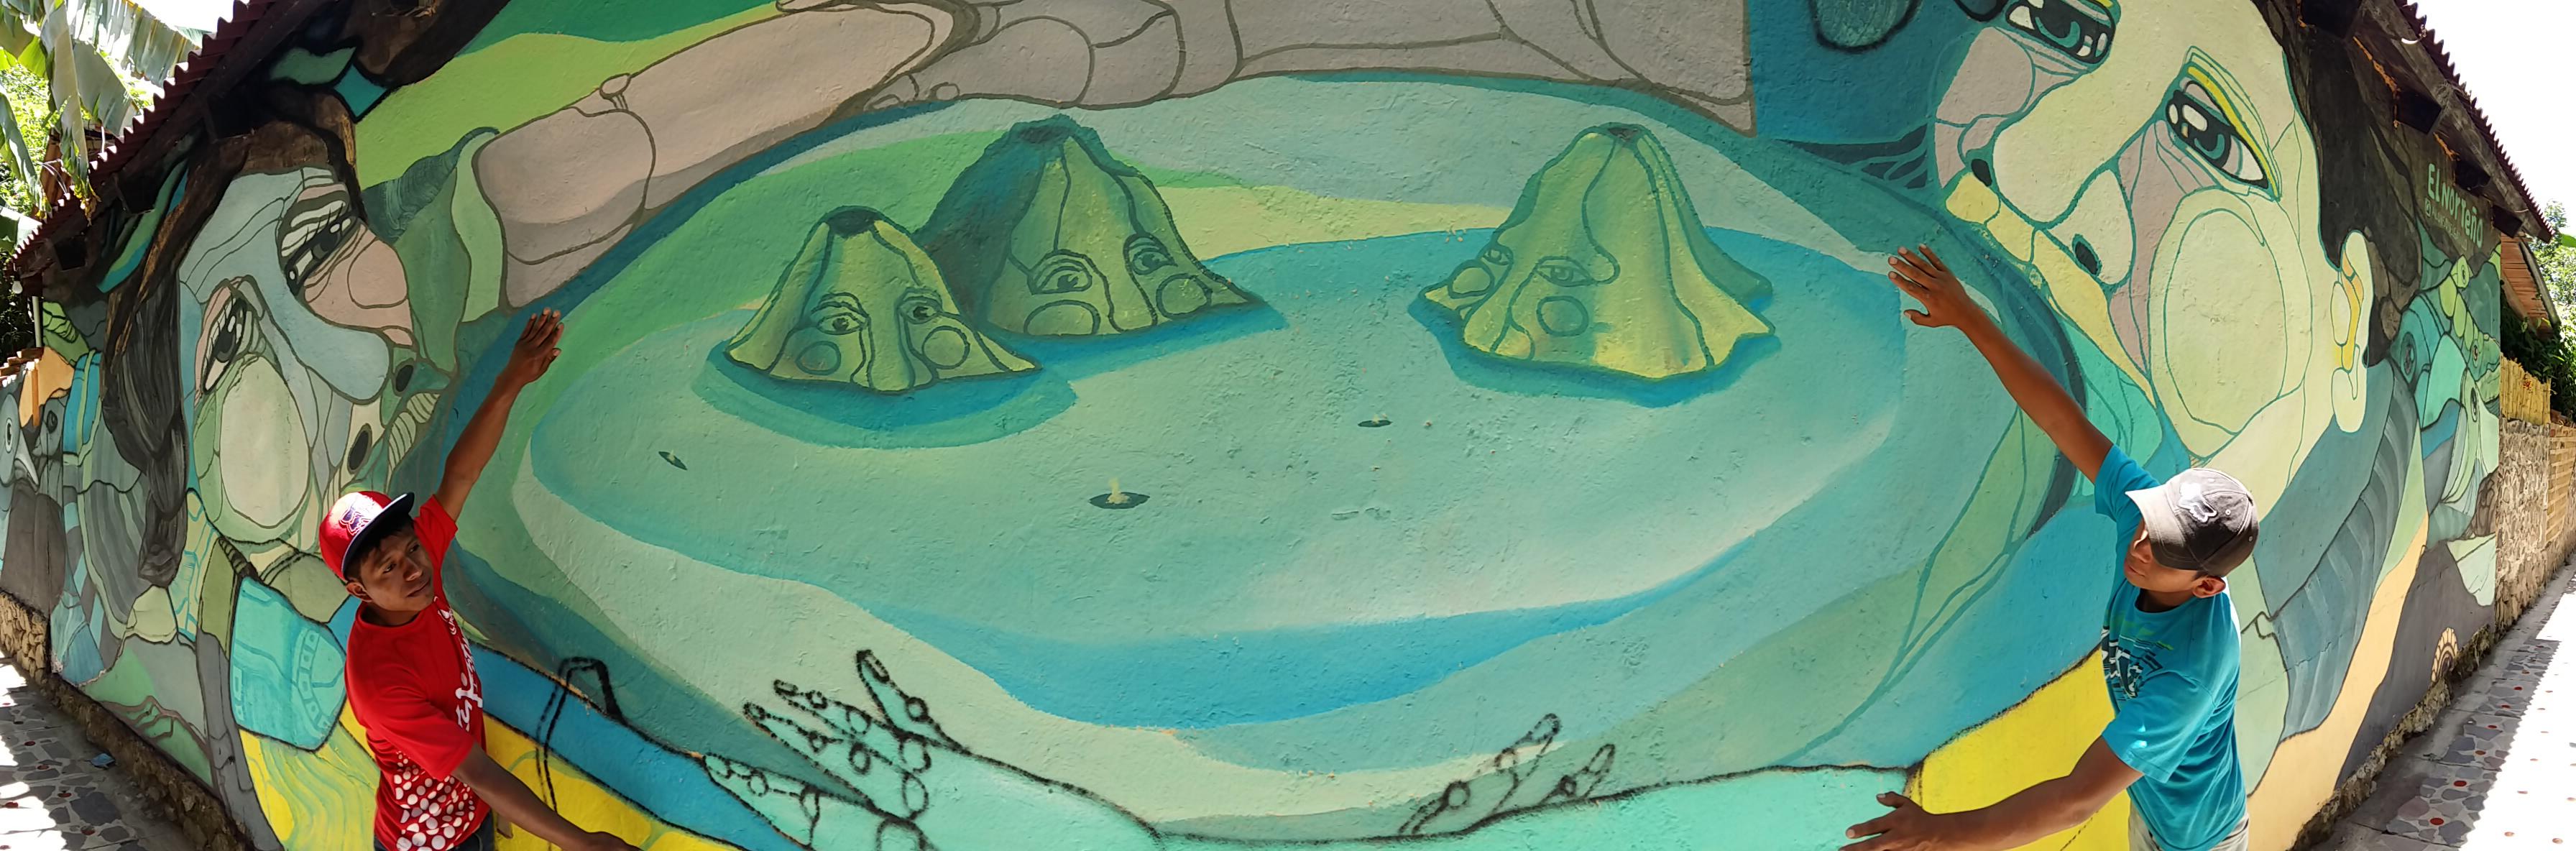 Alonso Delgadillo - Atitlán - Un lago abrazado por dos personas